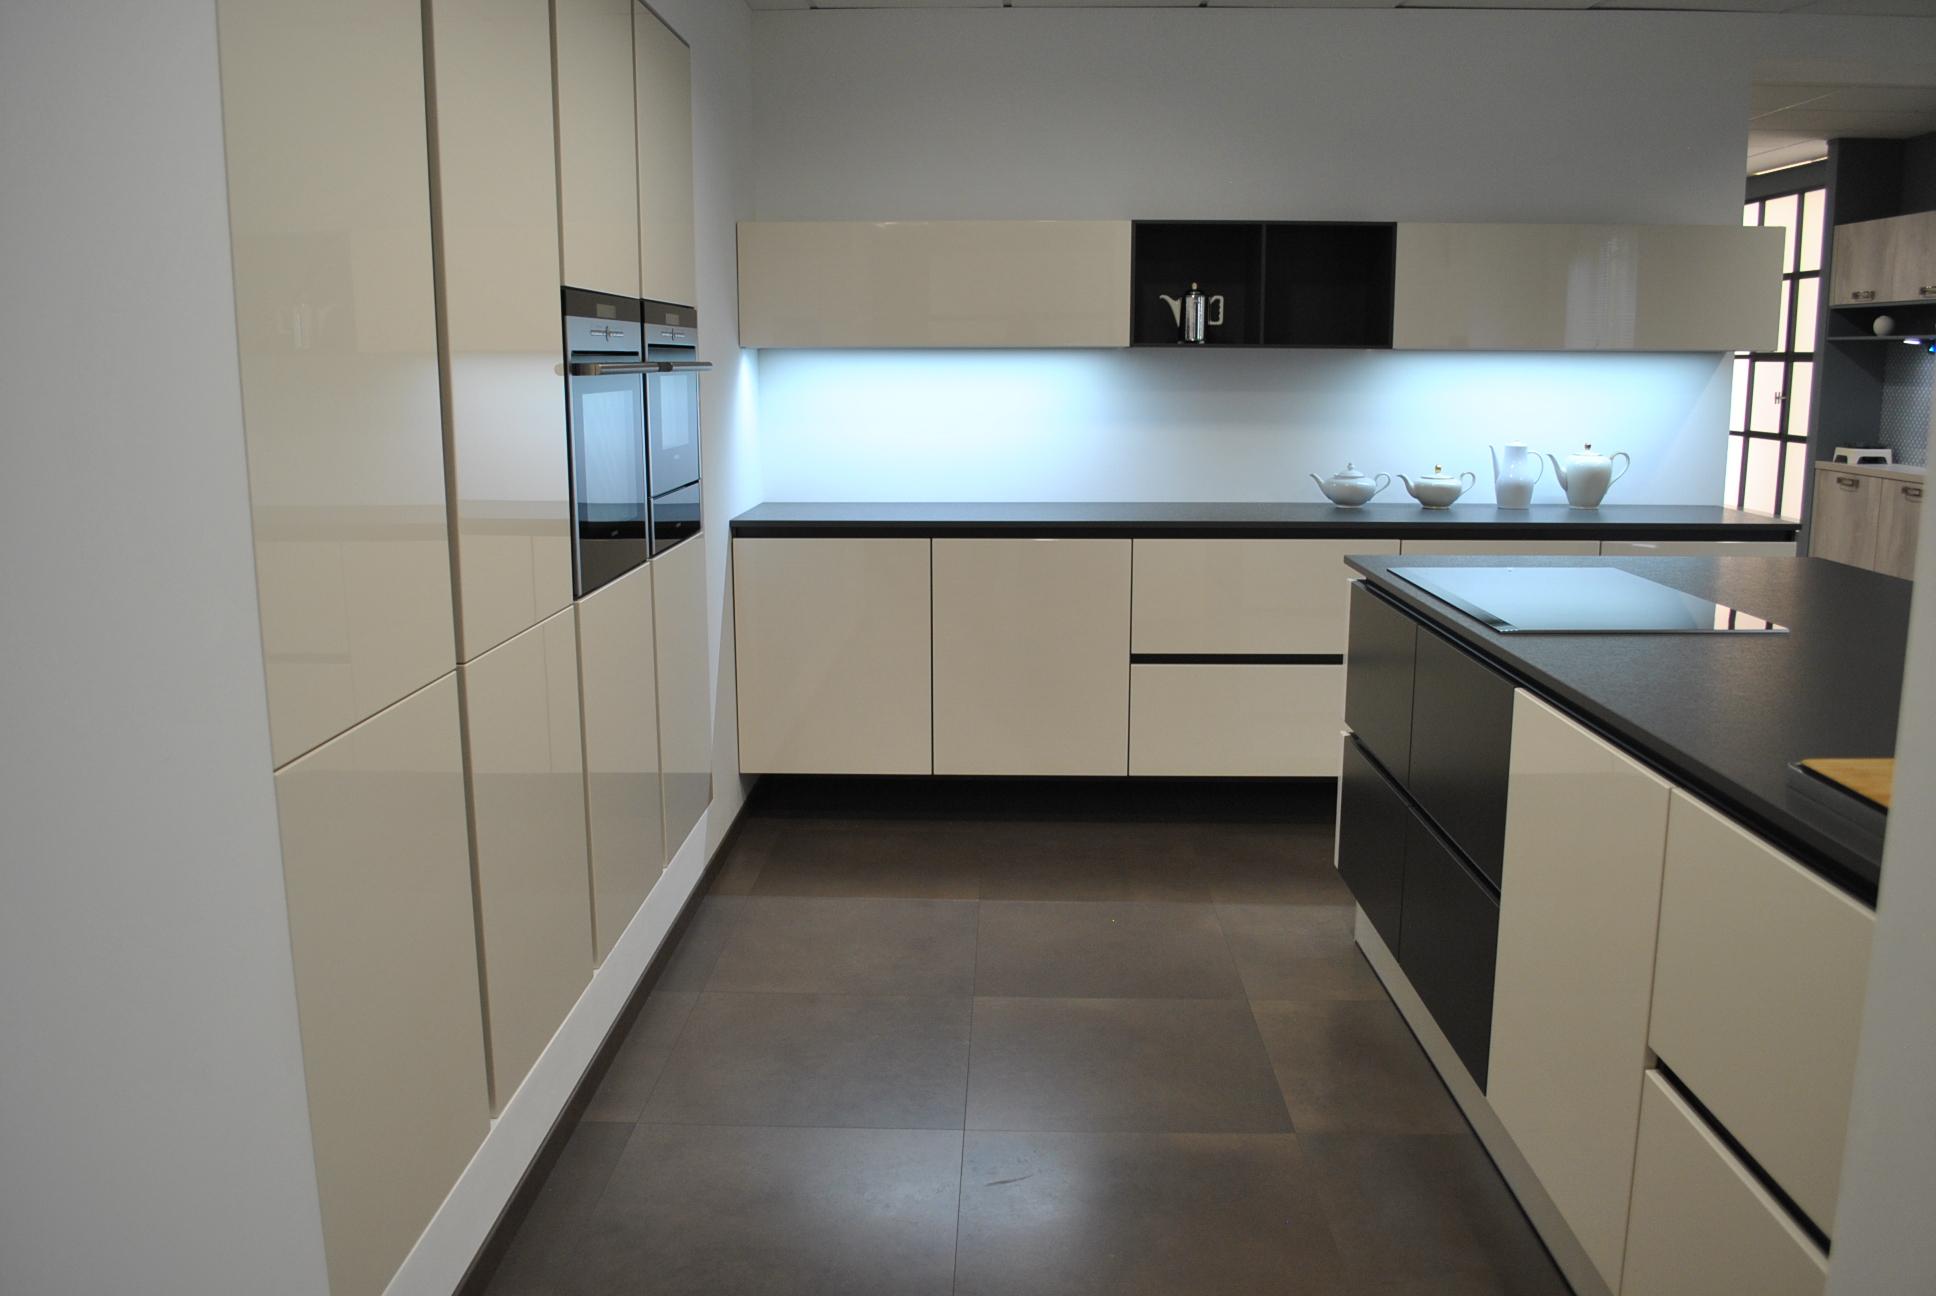 Design keukens antwerpen - Douche italiaanse muur ...